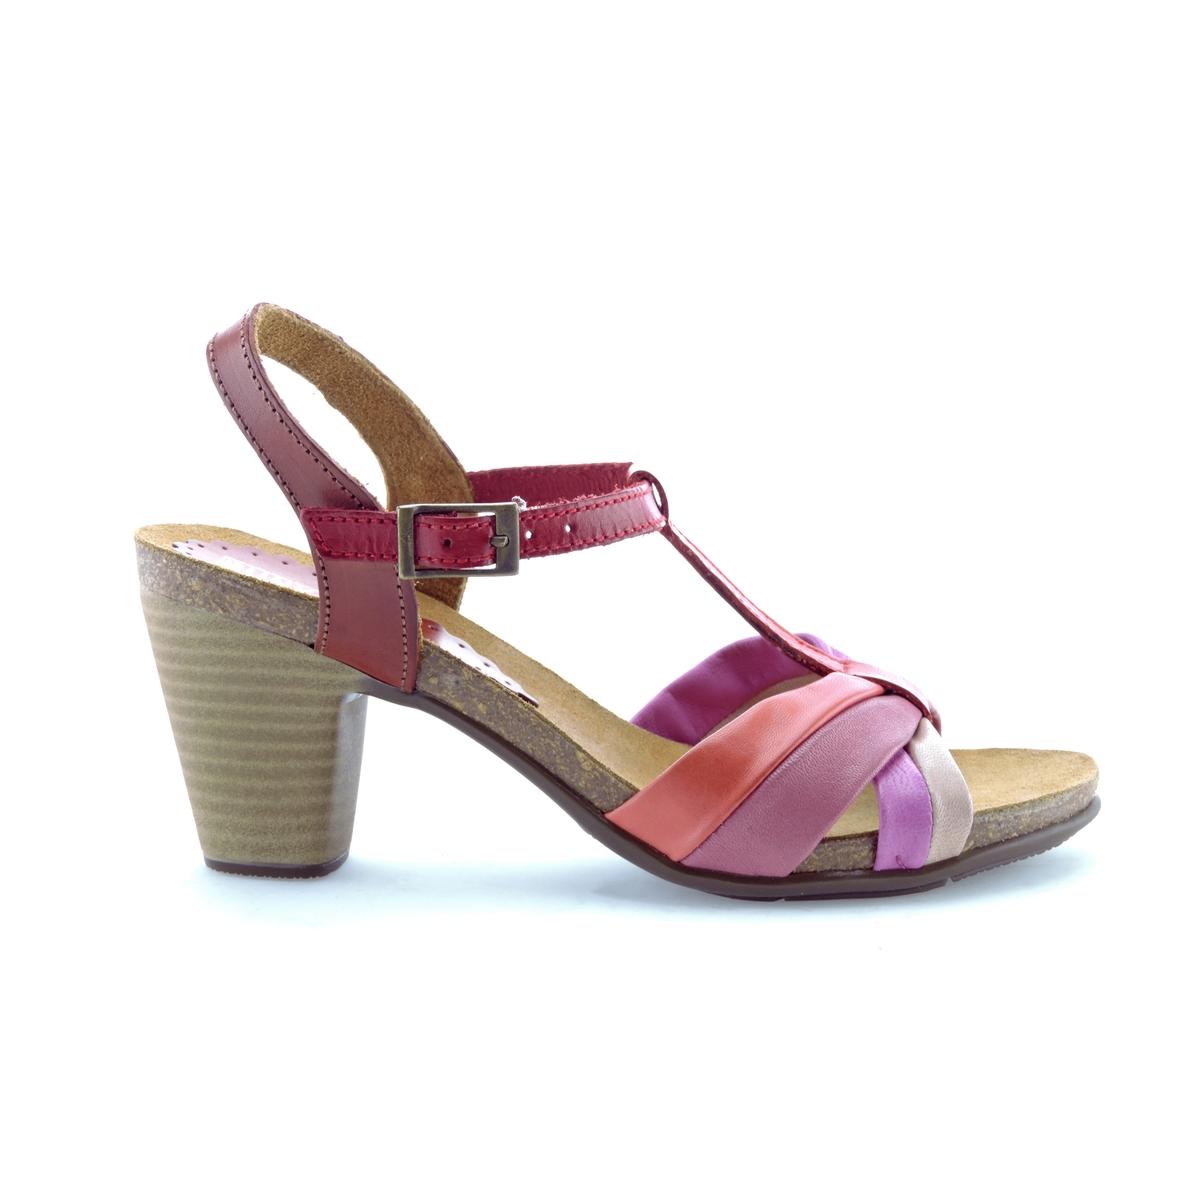 Босоножки кожаные LizВерх : кожа   Стелька : кожа   Подошва : эластомер   Высота каблука : 8 см   Форма каблука : квадратный каблук   Мысок : открытый мысок   Застежка : пряжка<br><br>Цвет: разноцветный<br>Размер: 36